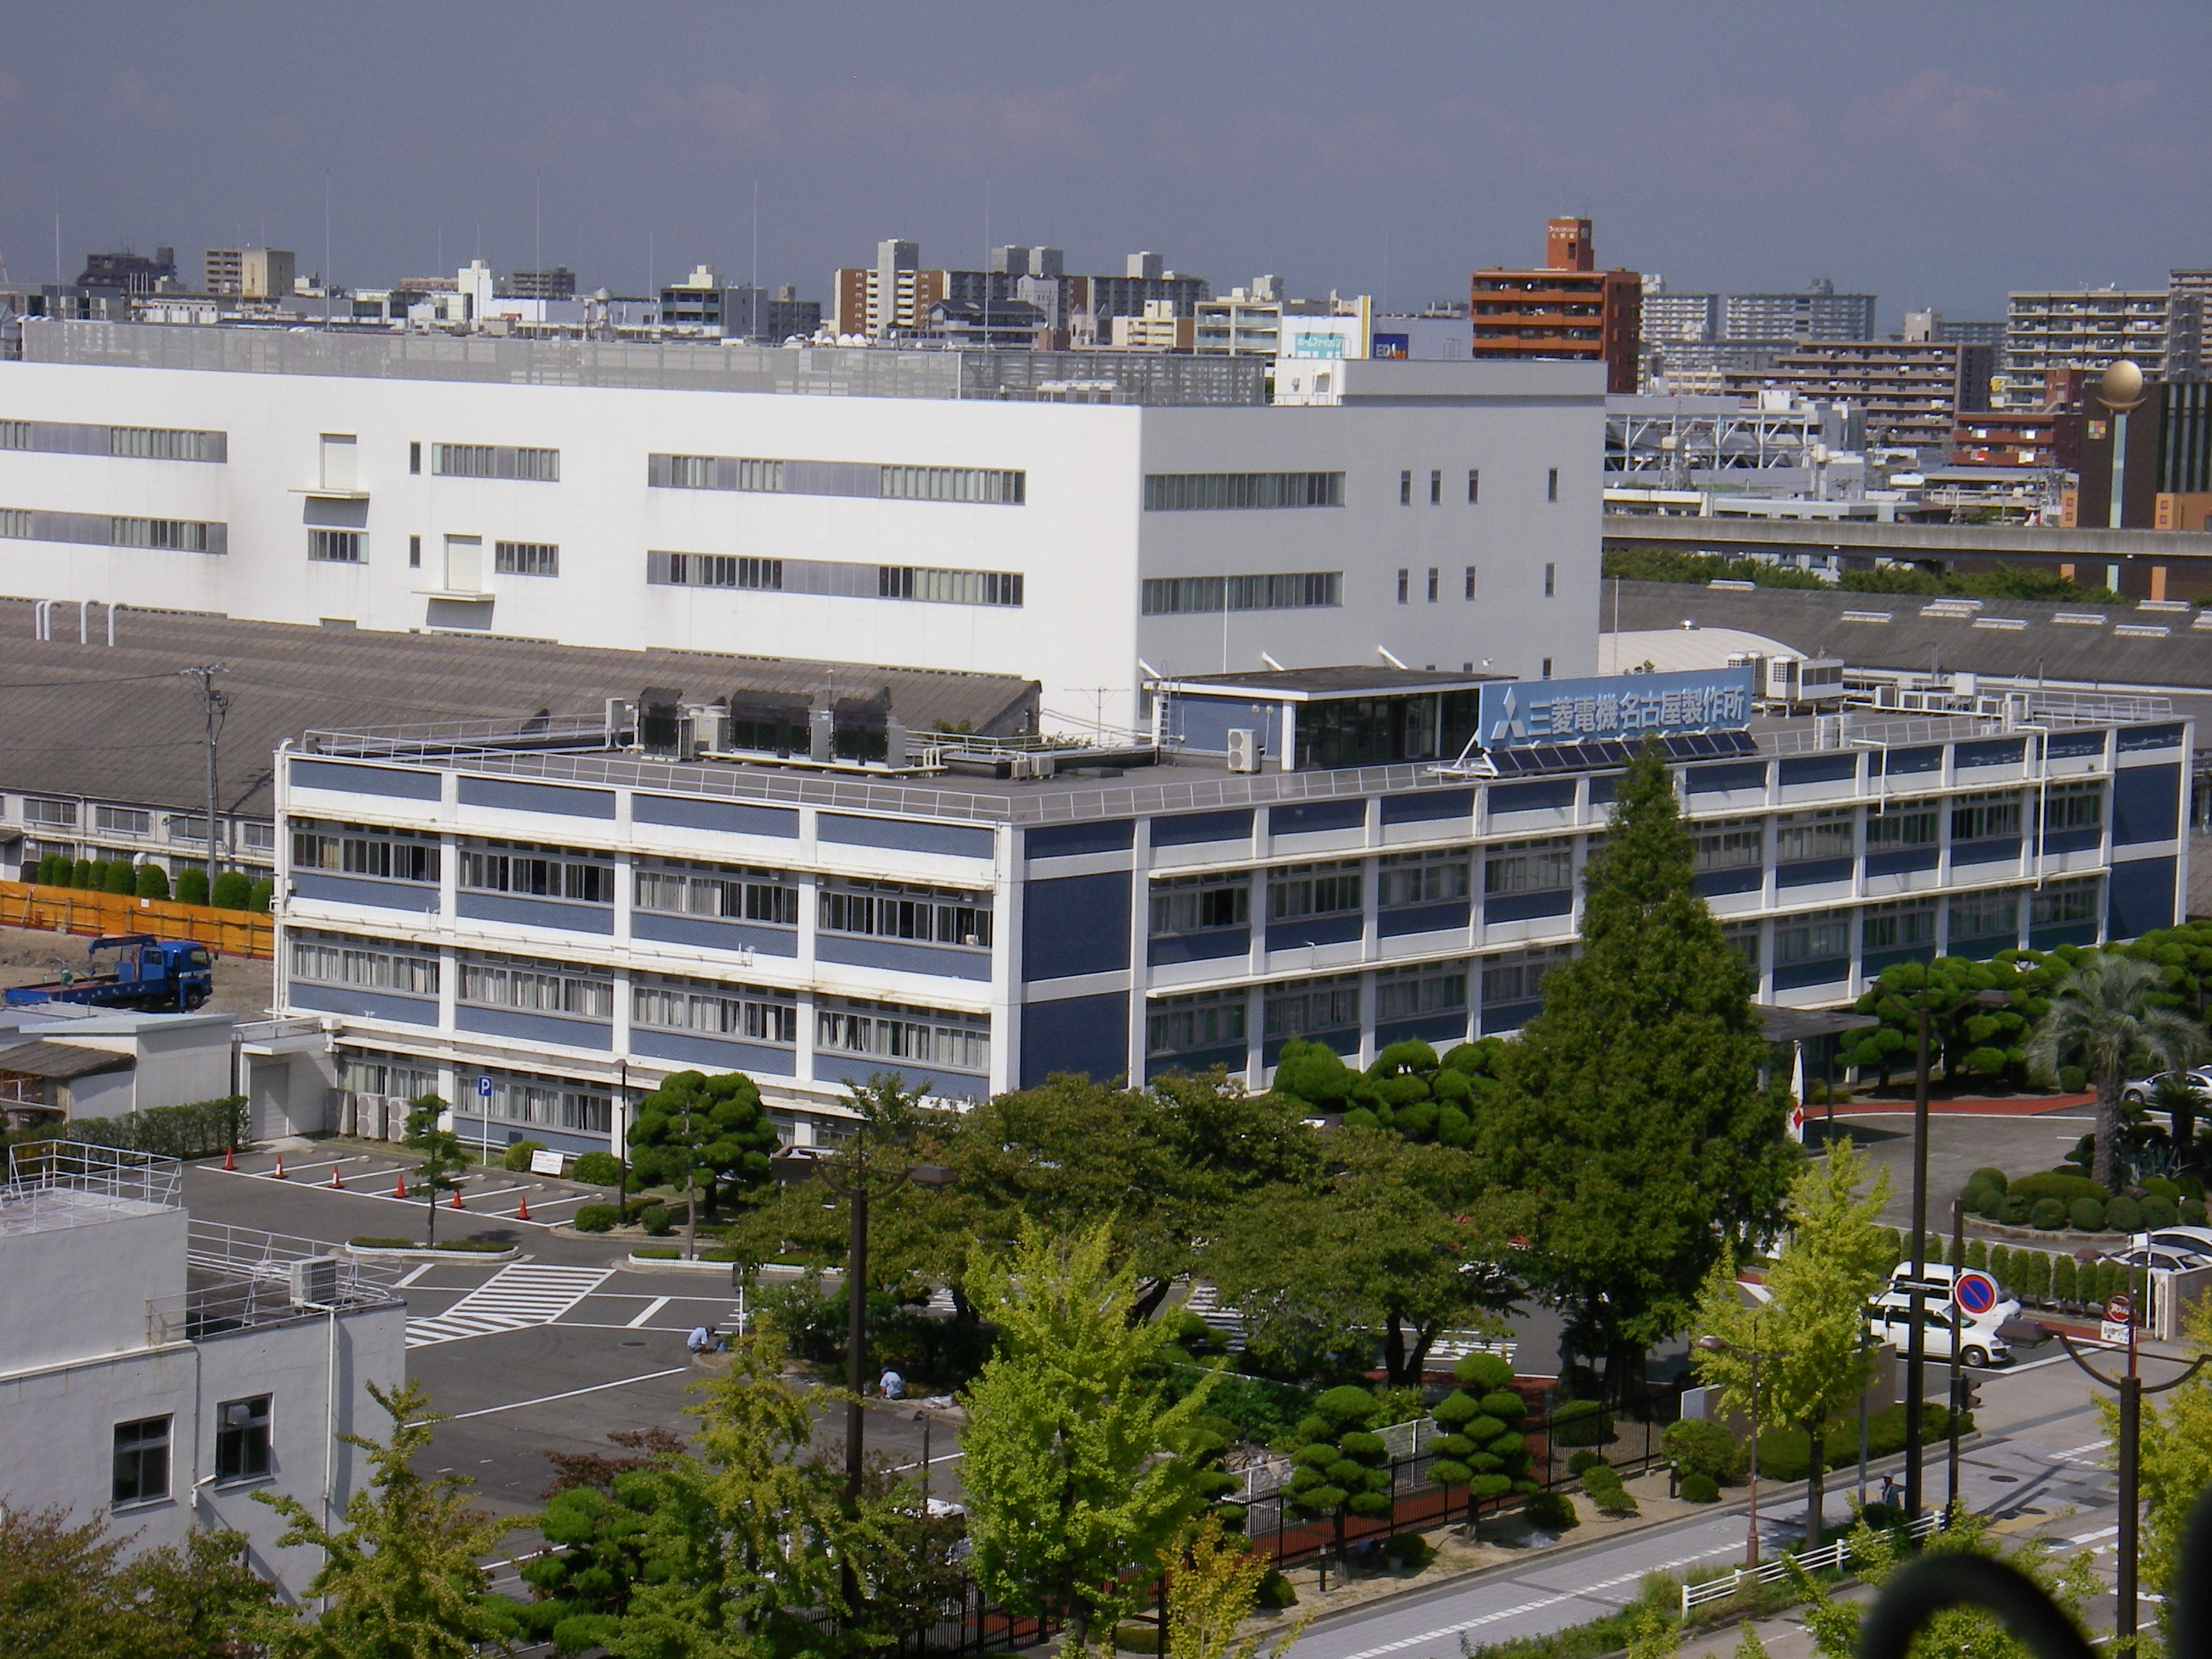 Media in Nagoya